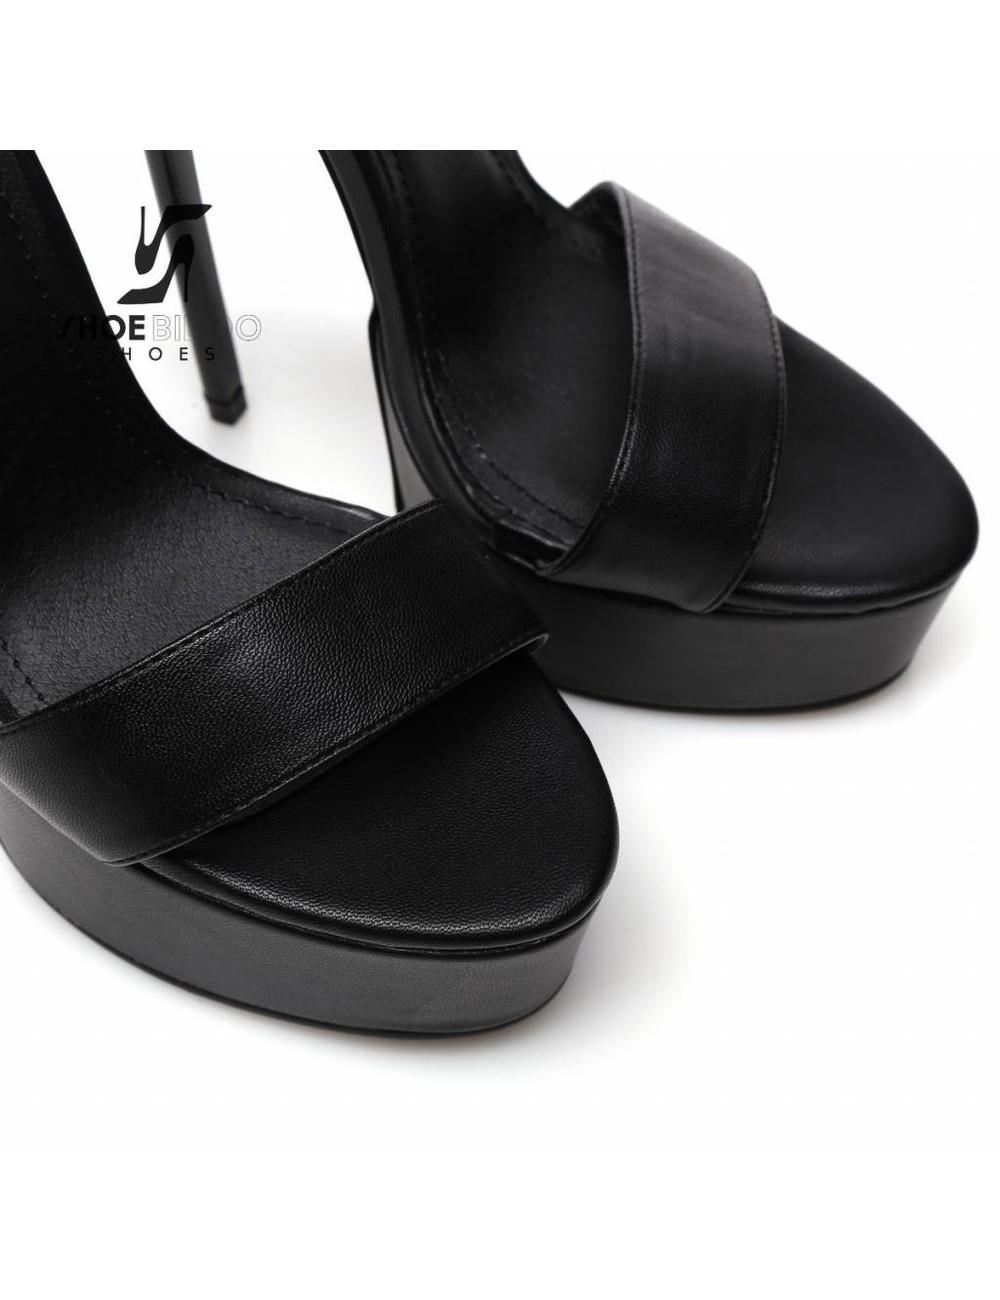 Giaro Zwarte Giaro KATE platform bondage enkelband sandalen